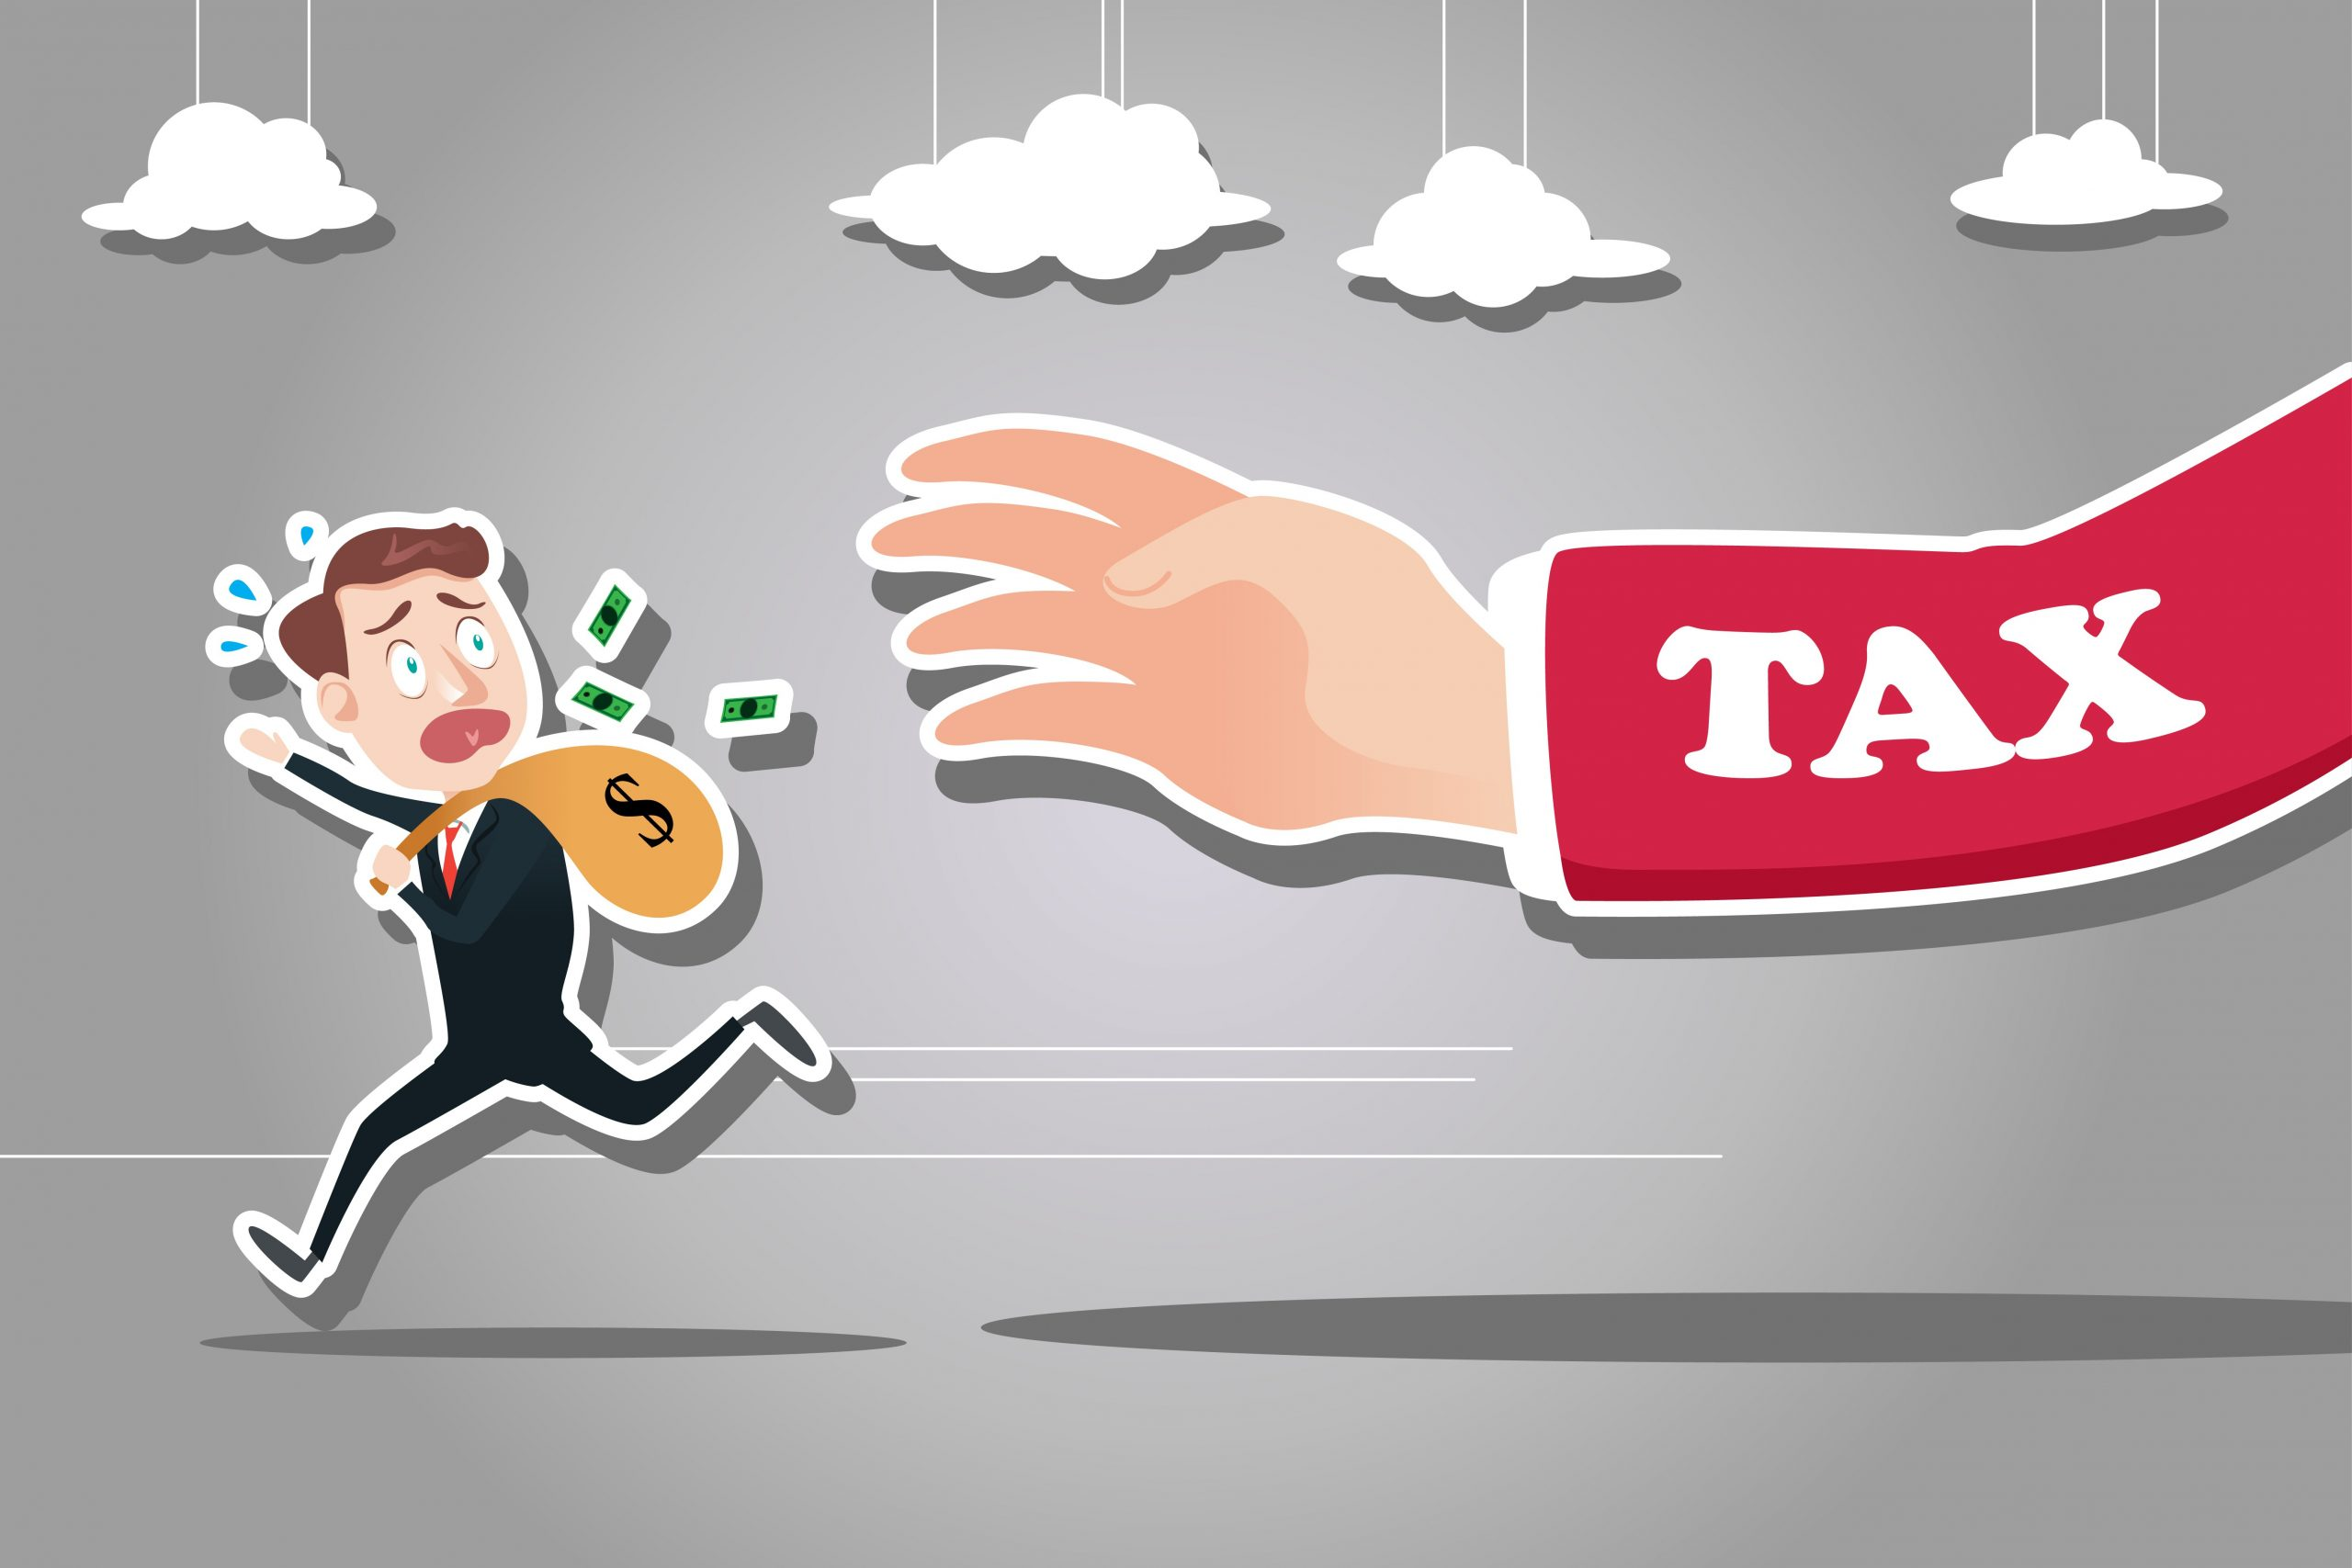 Los impuestos los pagas tú